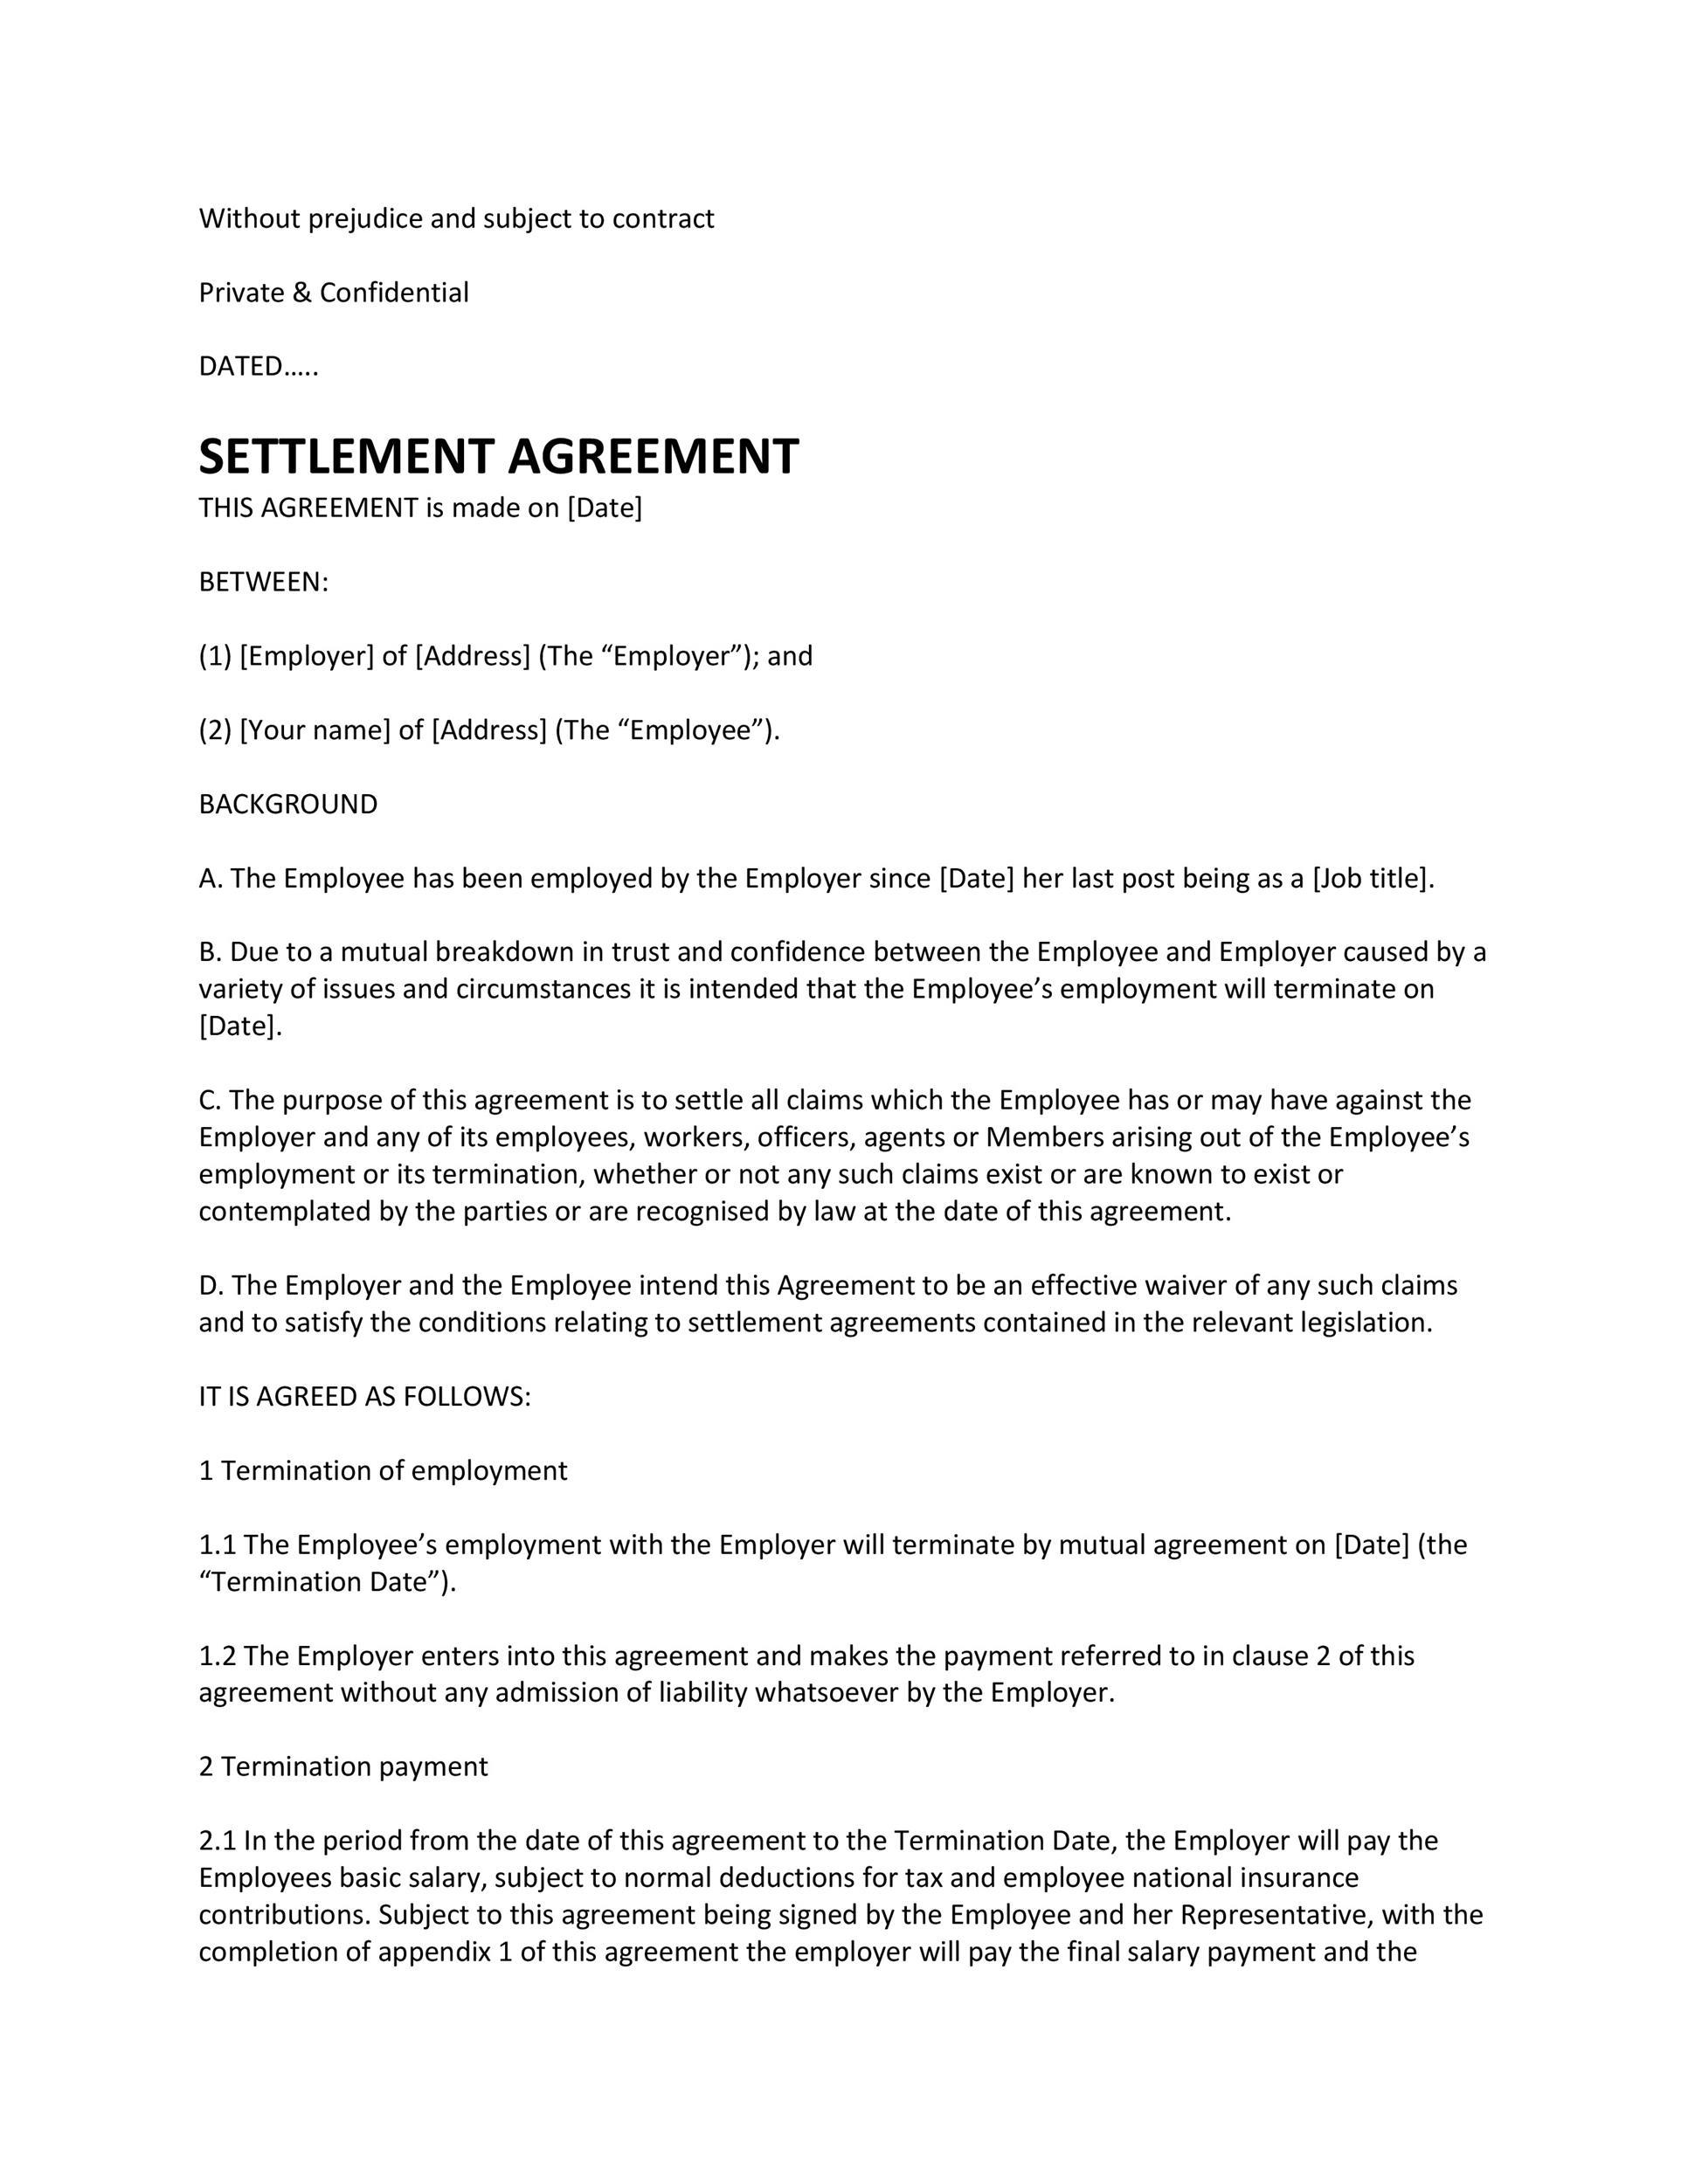 Free settlement agreement 07